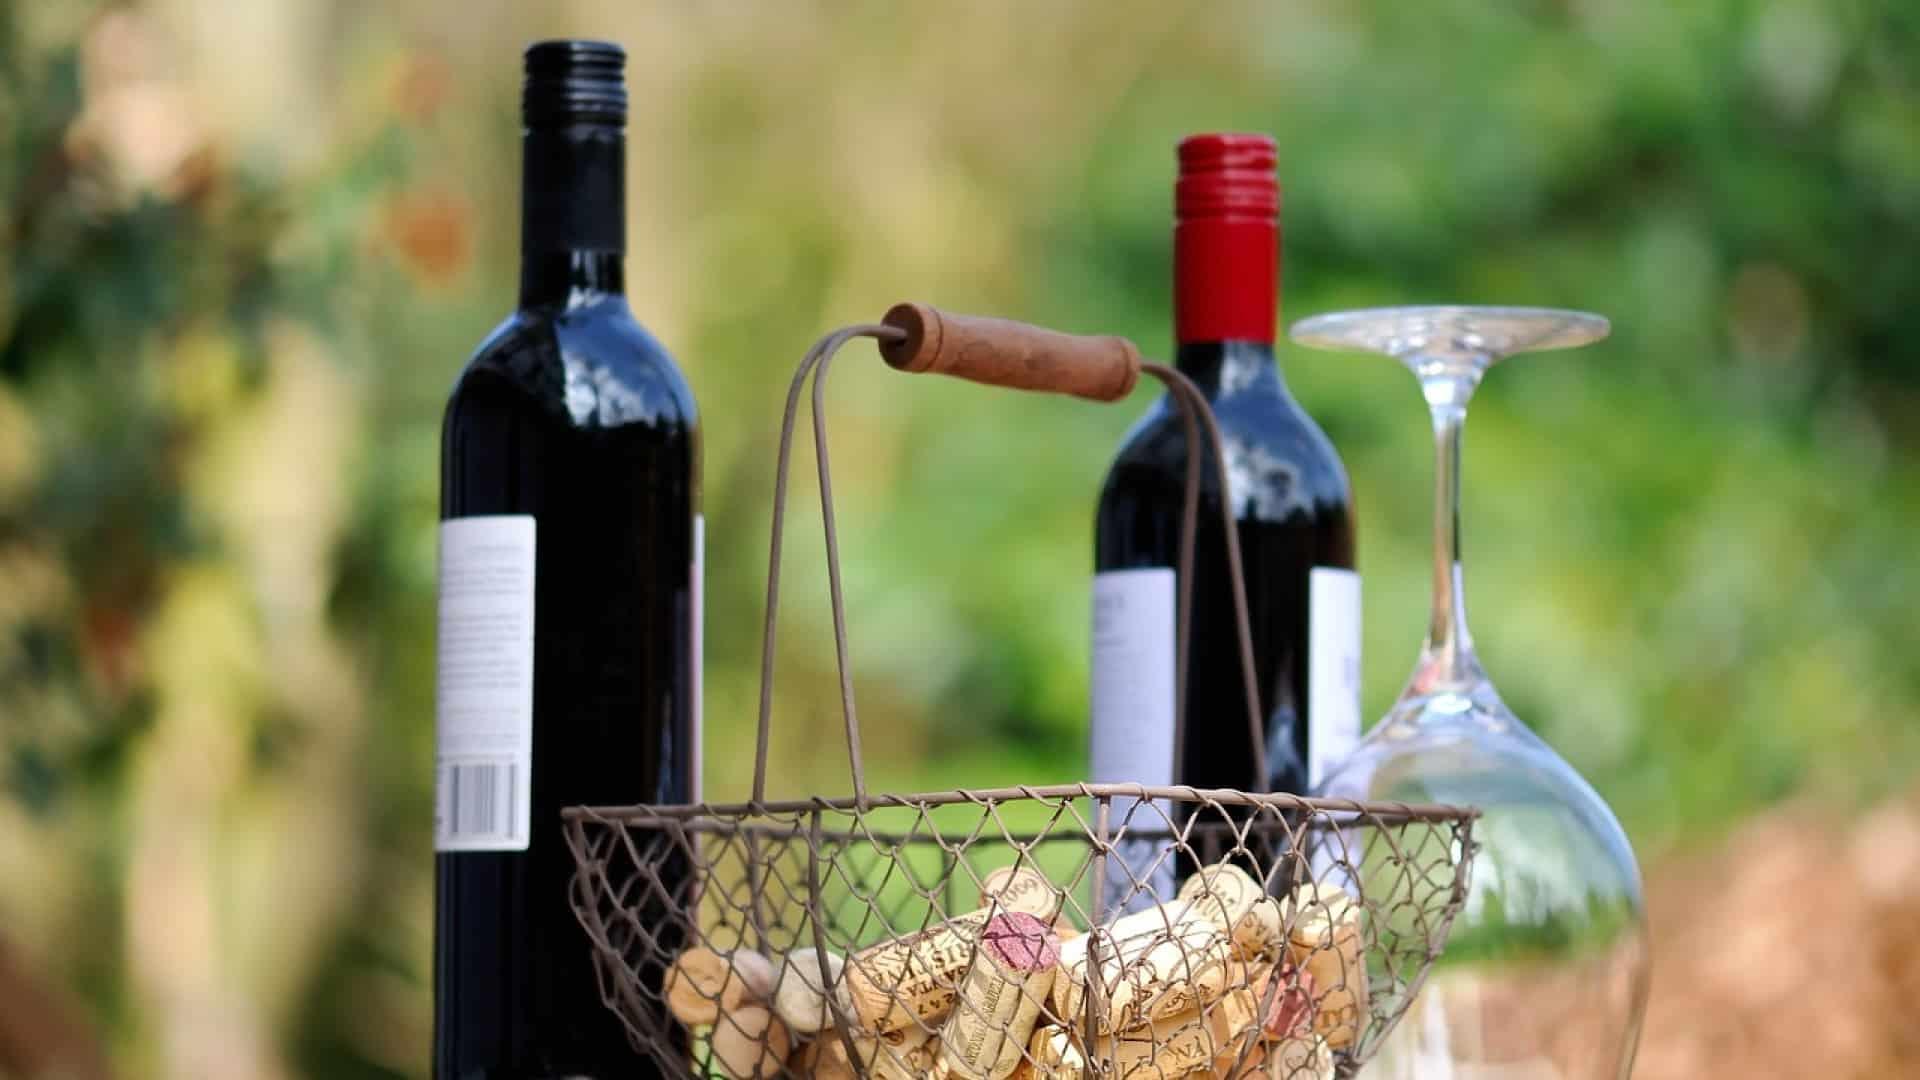 La box vin, la meilleure réponse au confinement et aux débits de boissons fermés ?